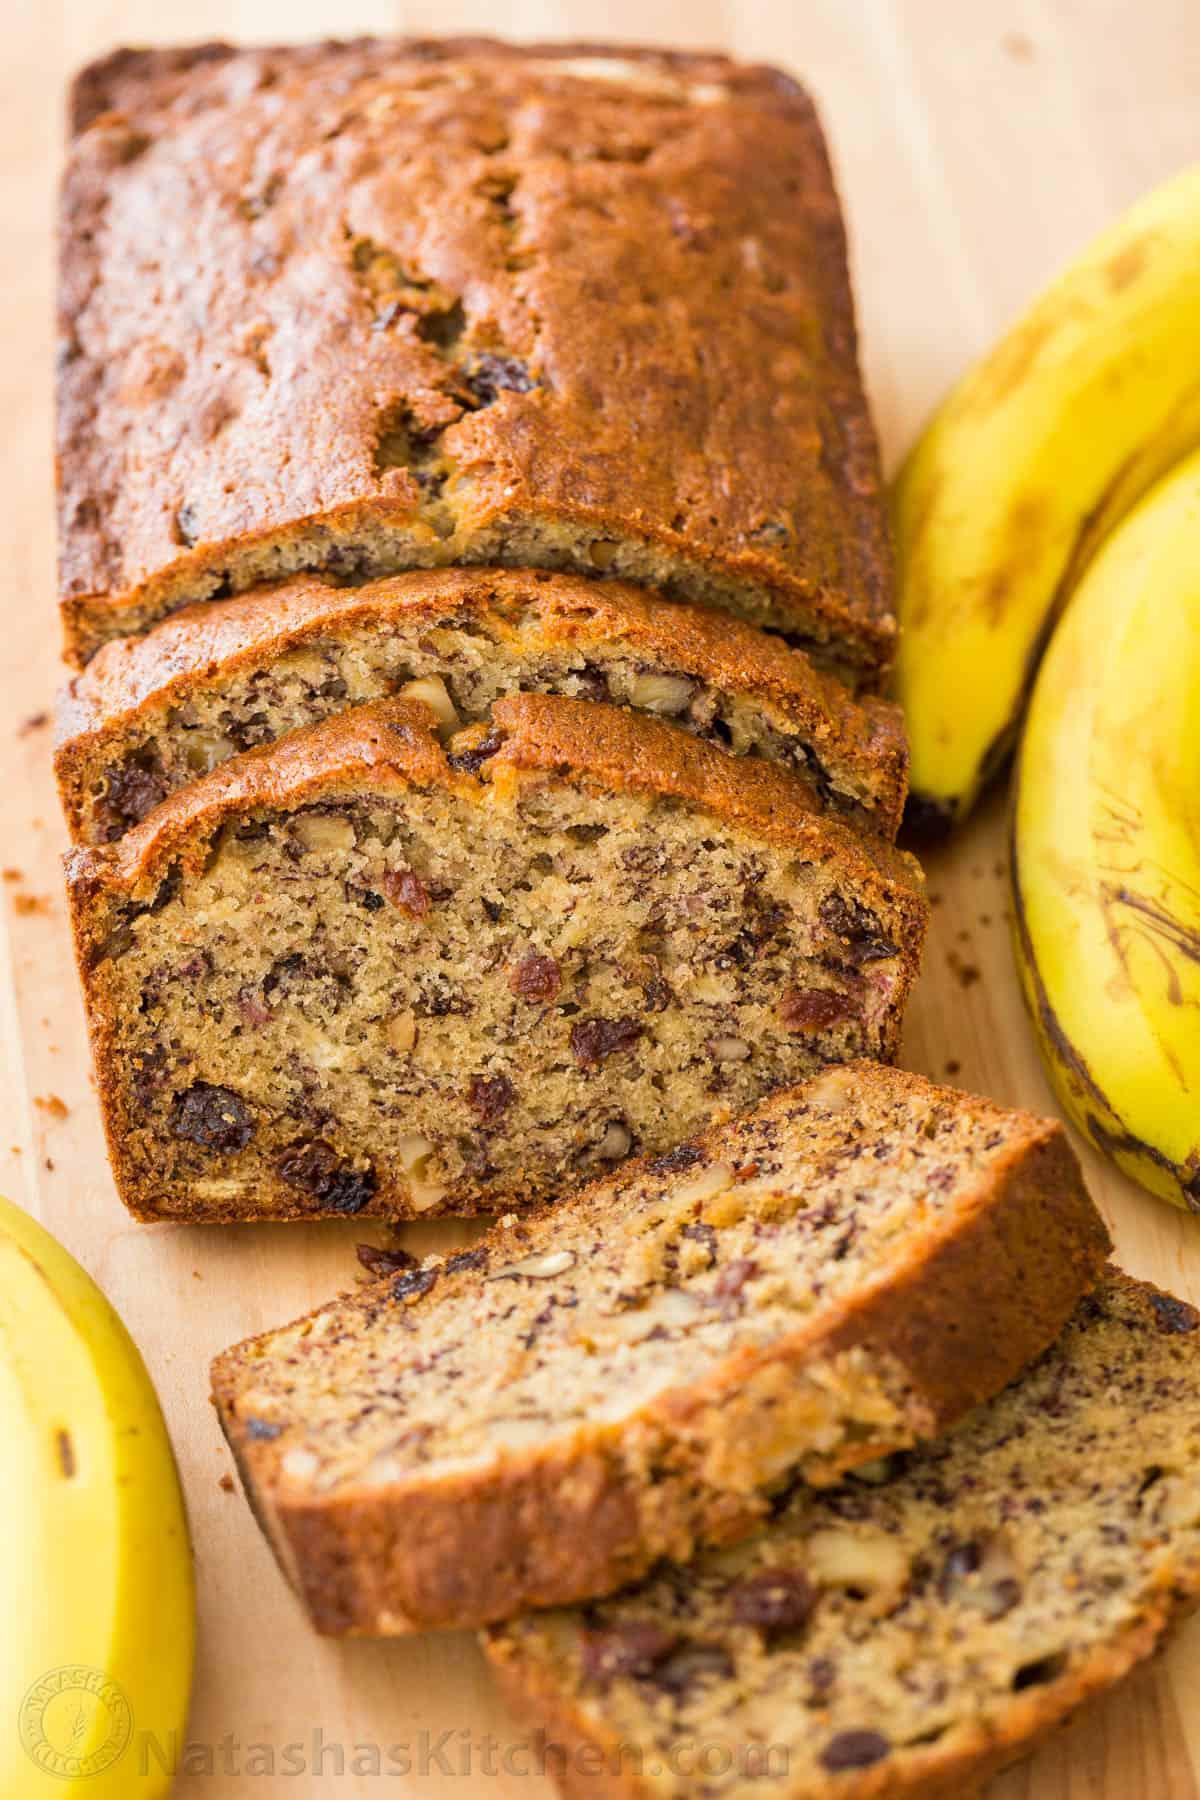 Banana Bread Recipes  Banana Bread Recipe VIDEO NatashasKitchen